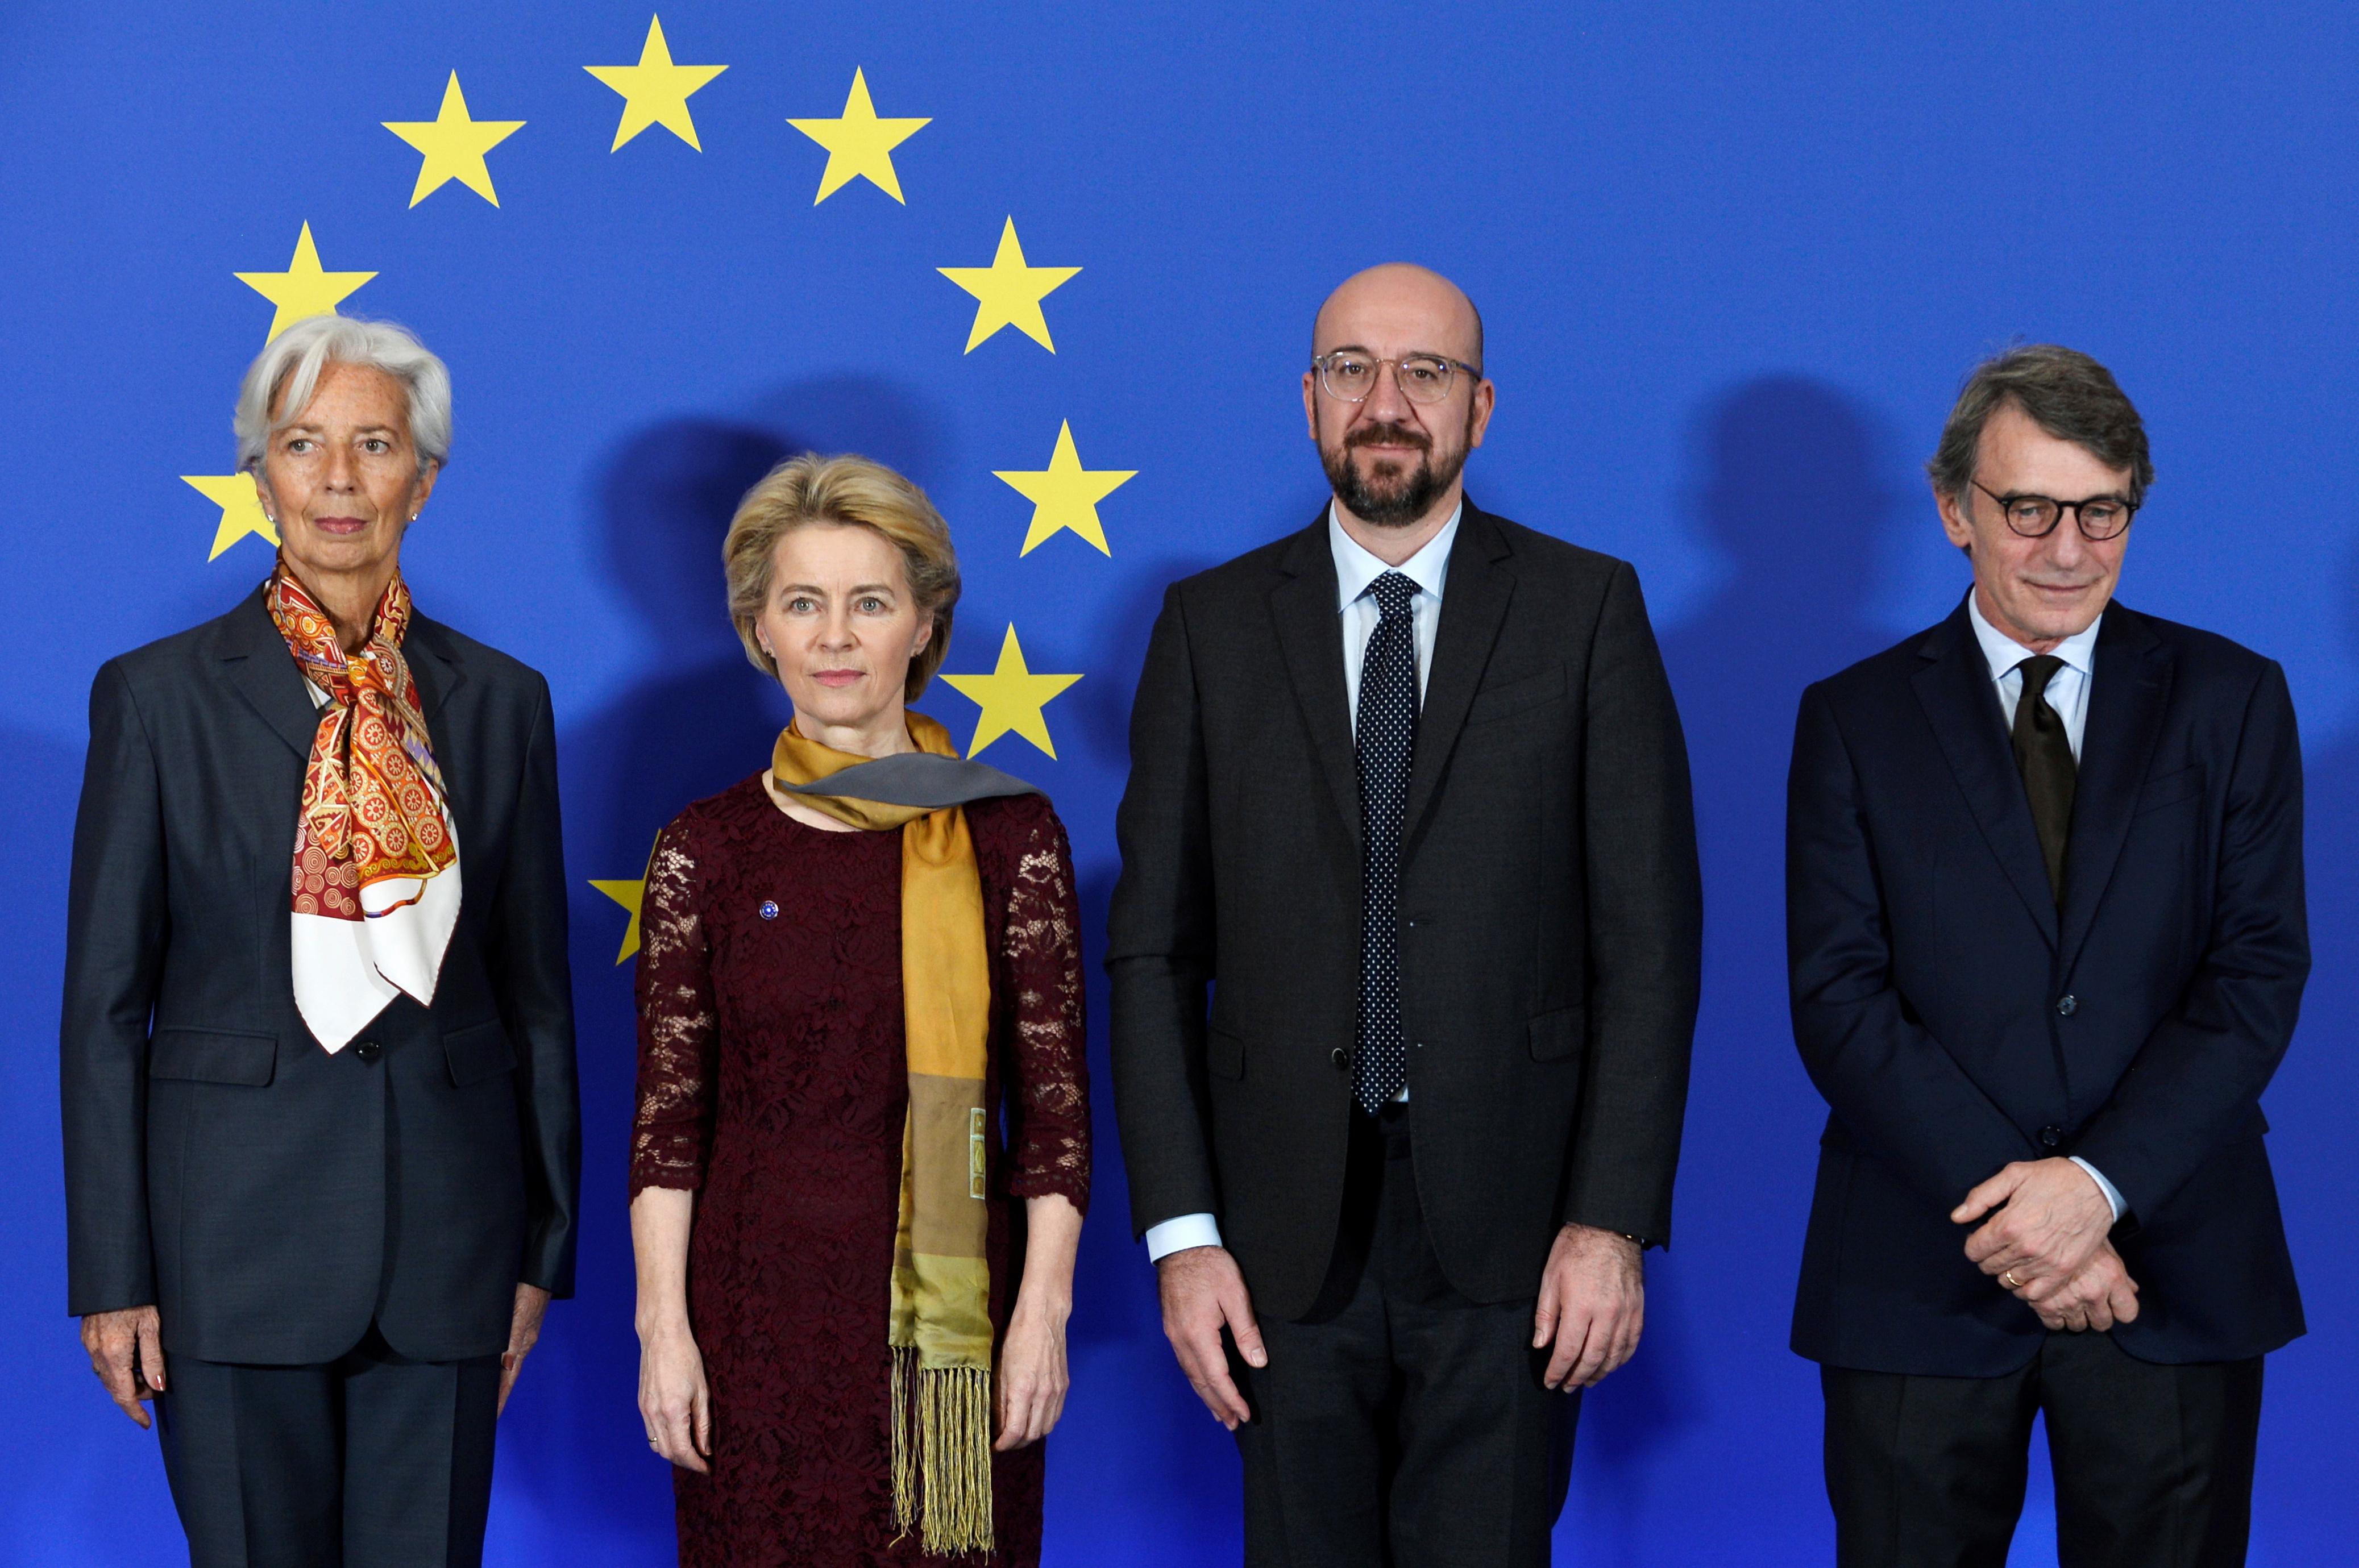 """Η ατζέντα του Ευρωπαϊκού Κοινοβουλίου και η… """"πρωτάρα"""" Κριστίν Λαγκάρντ"""